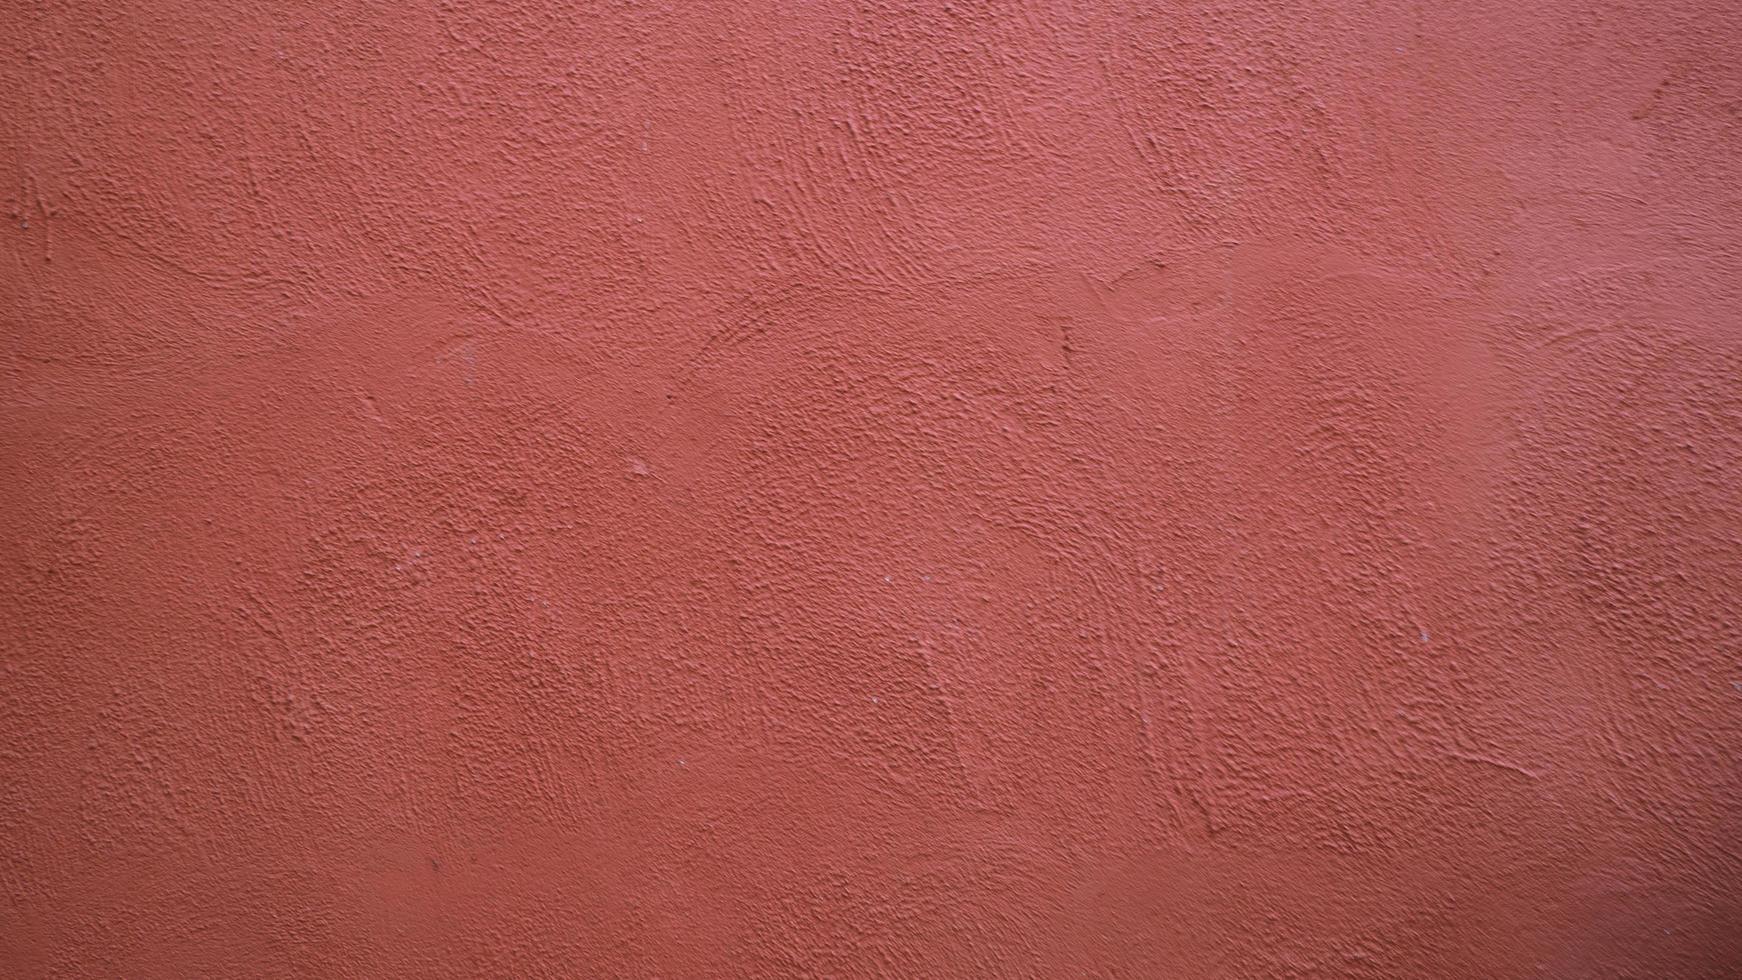 abstrakt bakgrund från röd stuckatur foto